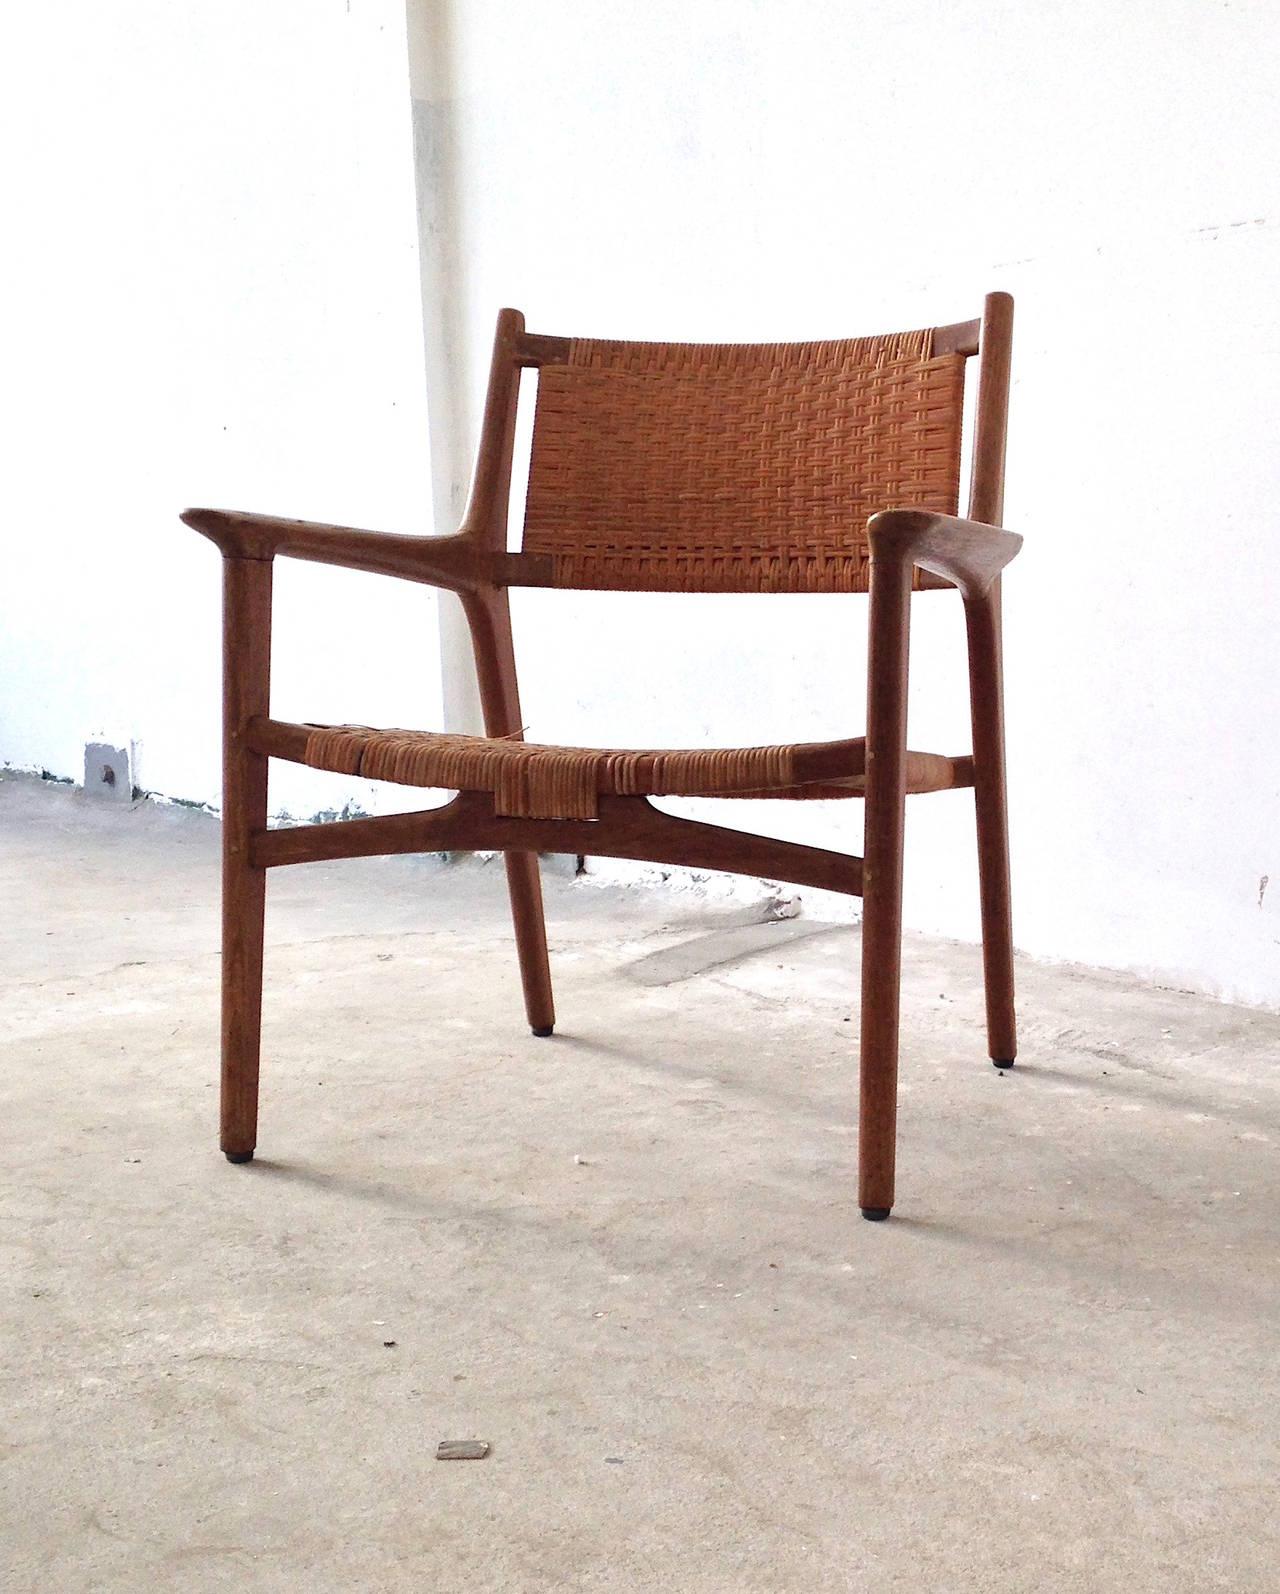 cane easy chair covers for sale in trinidad hans j wegner johannes hansen teak